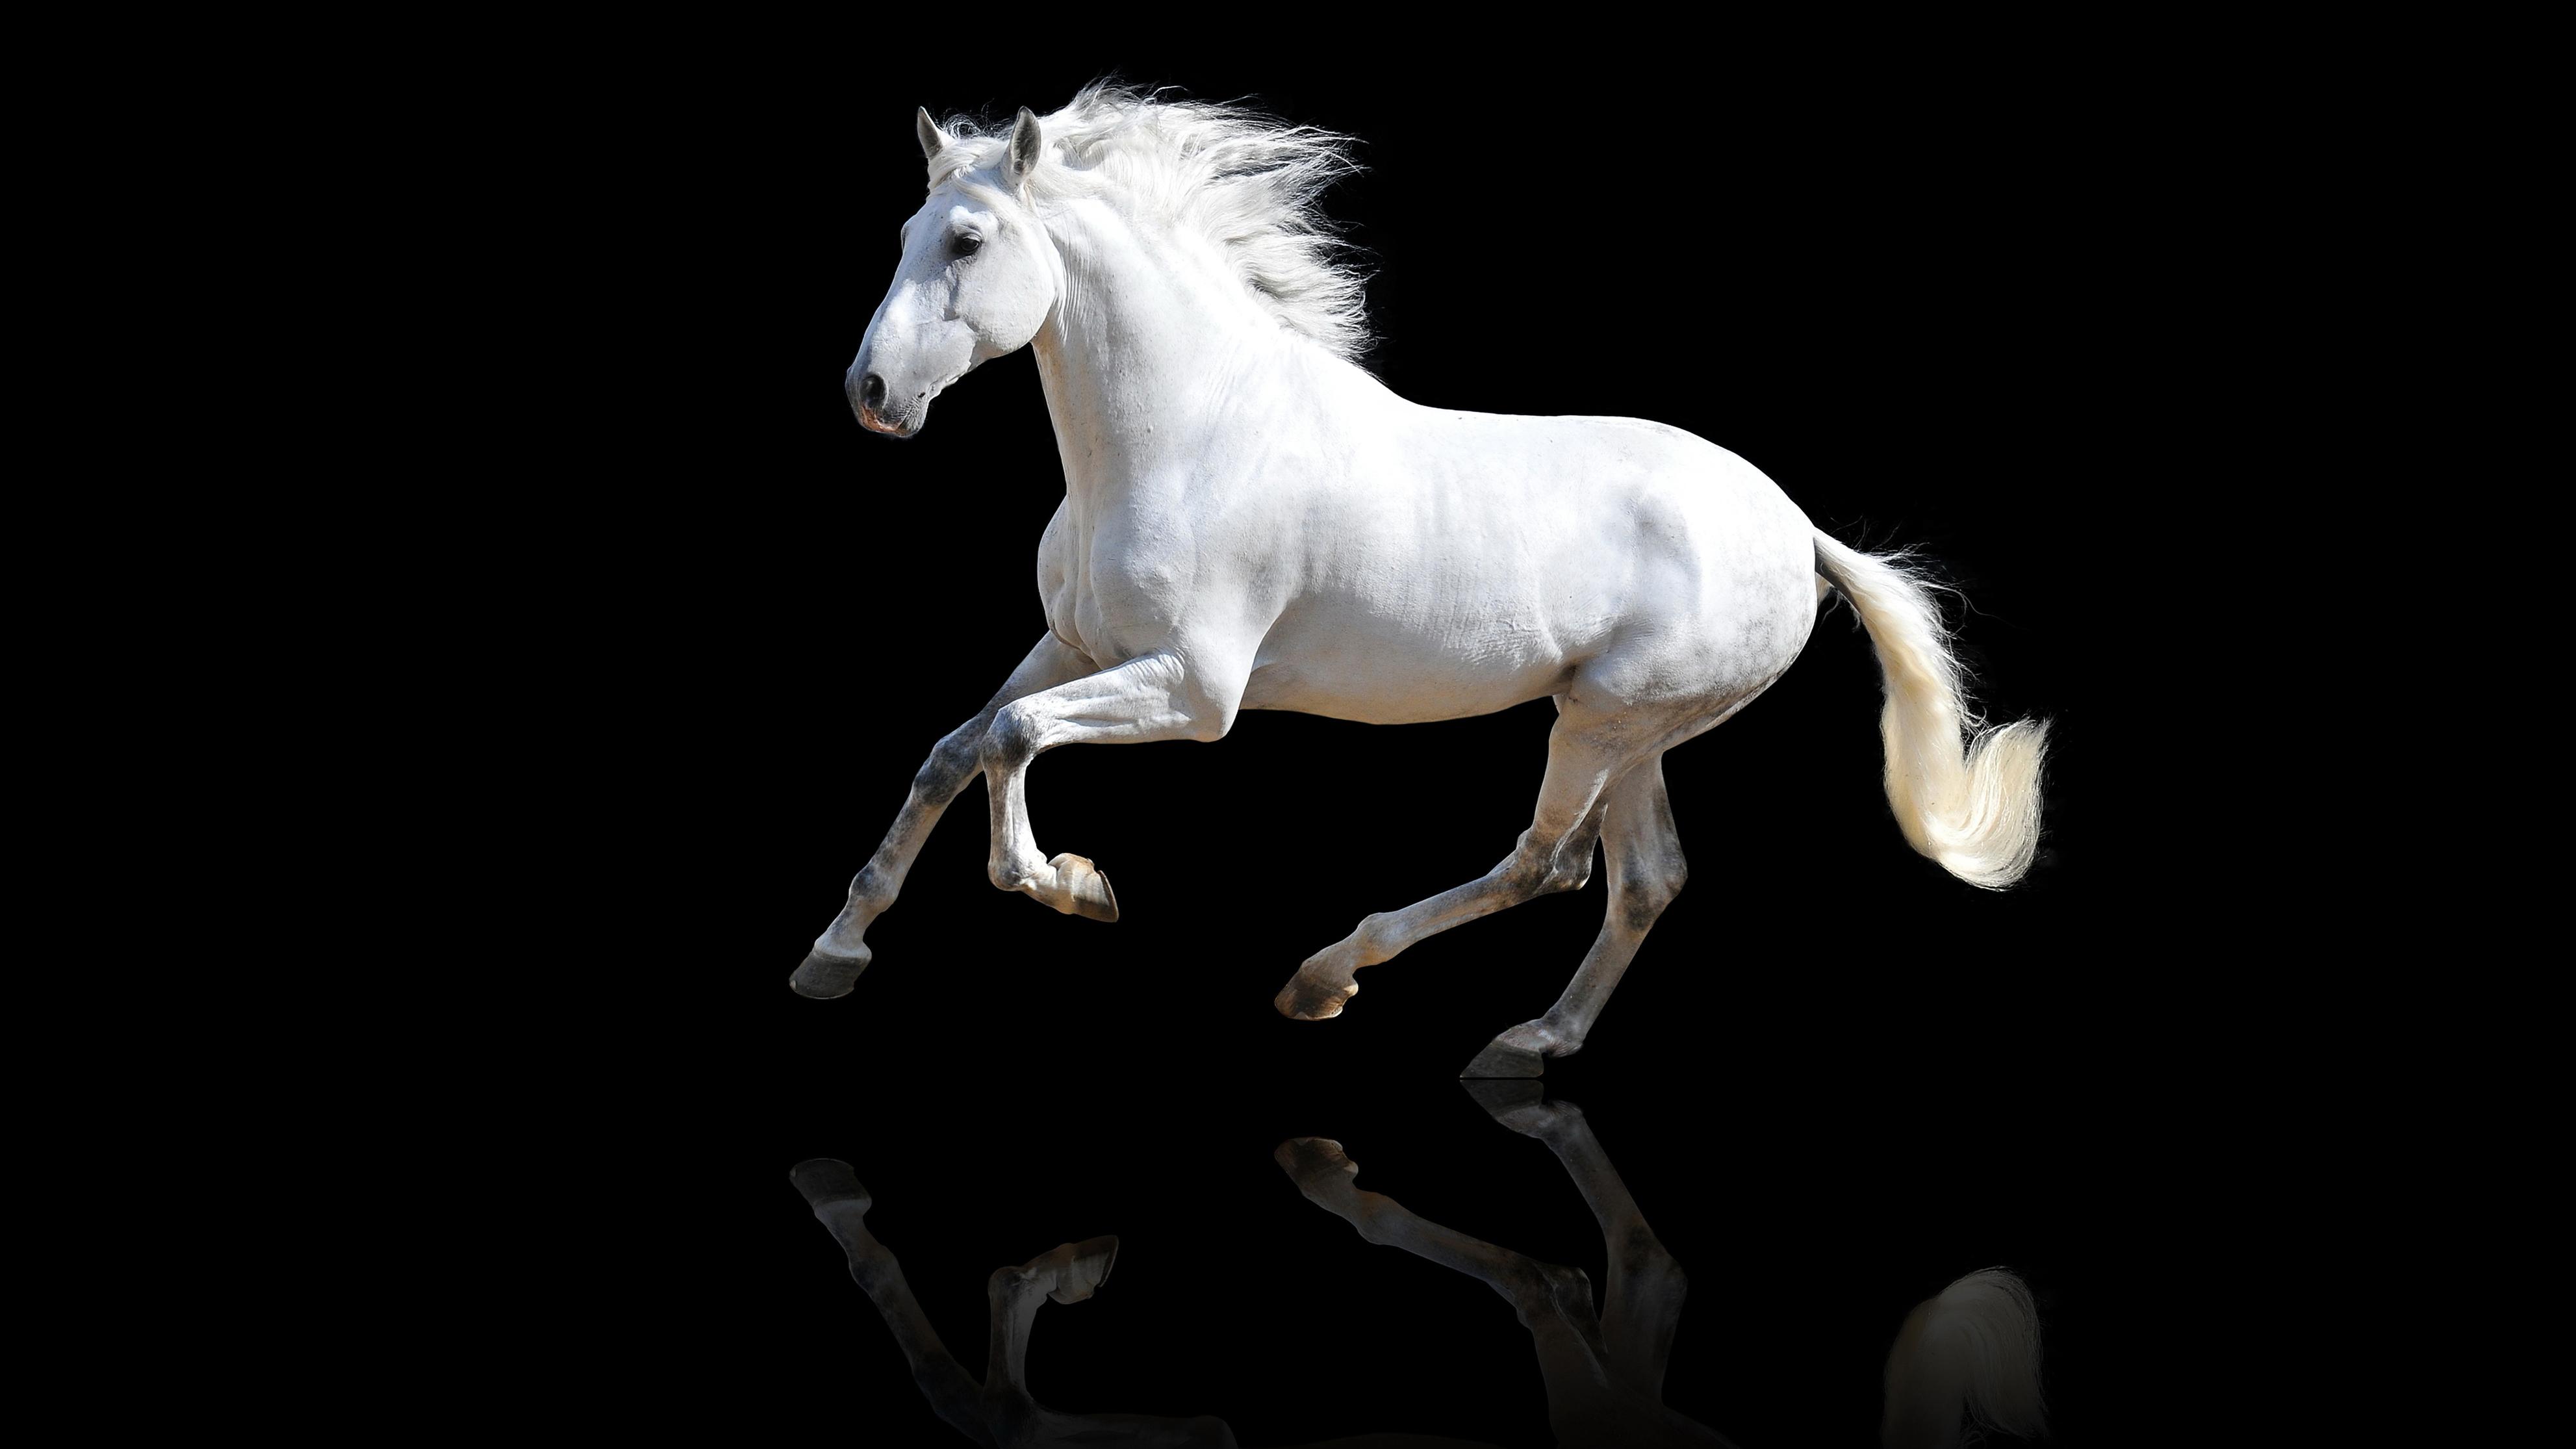 Обои для рабочего стола Лошади белых Животные Черный фон лошадь белая белые Белый животное на черном фоне